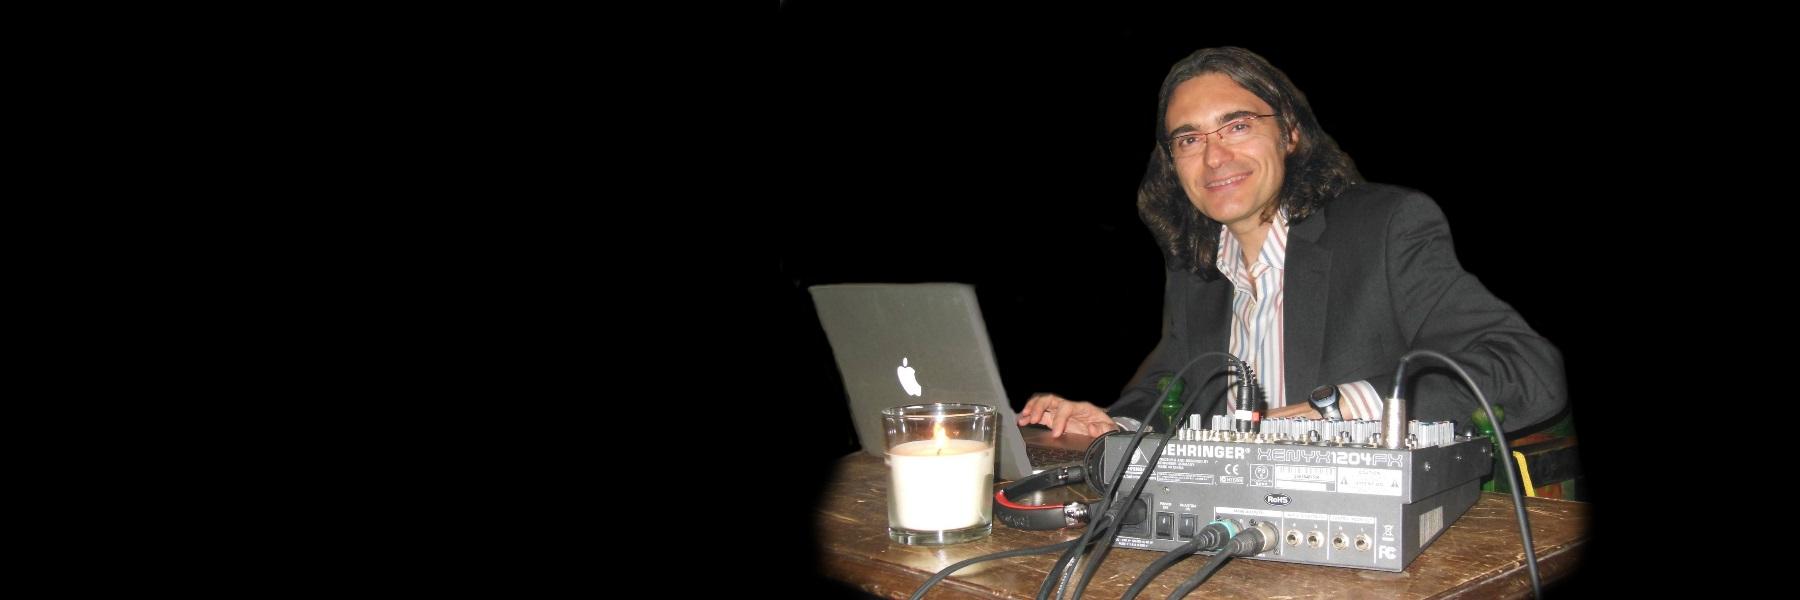 DJ-TANGO-ANTONIO-RUFO